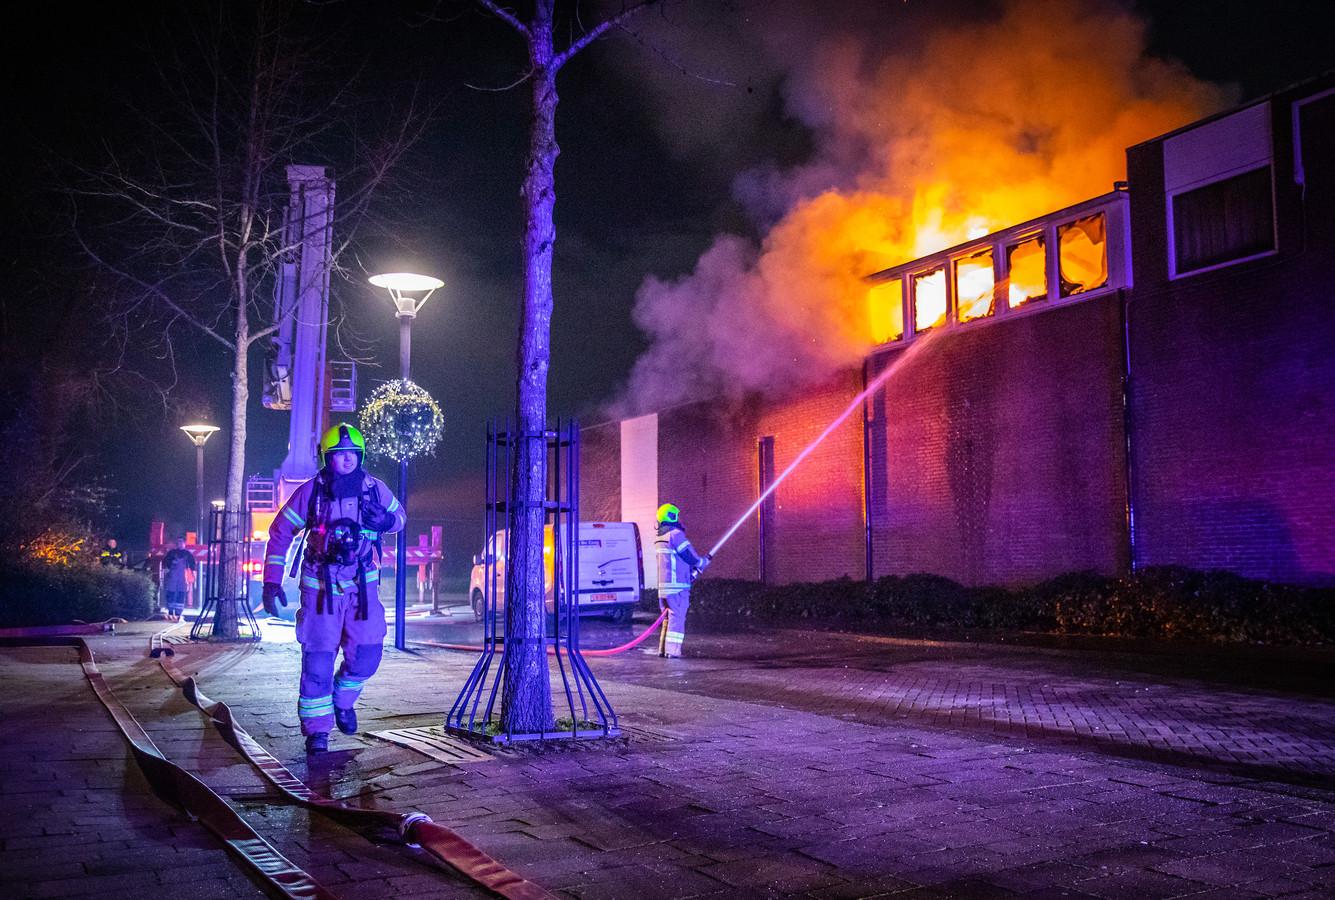 De brand op het Oranjeplein in Puttershoek.